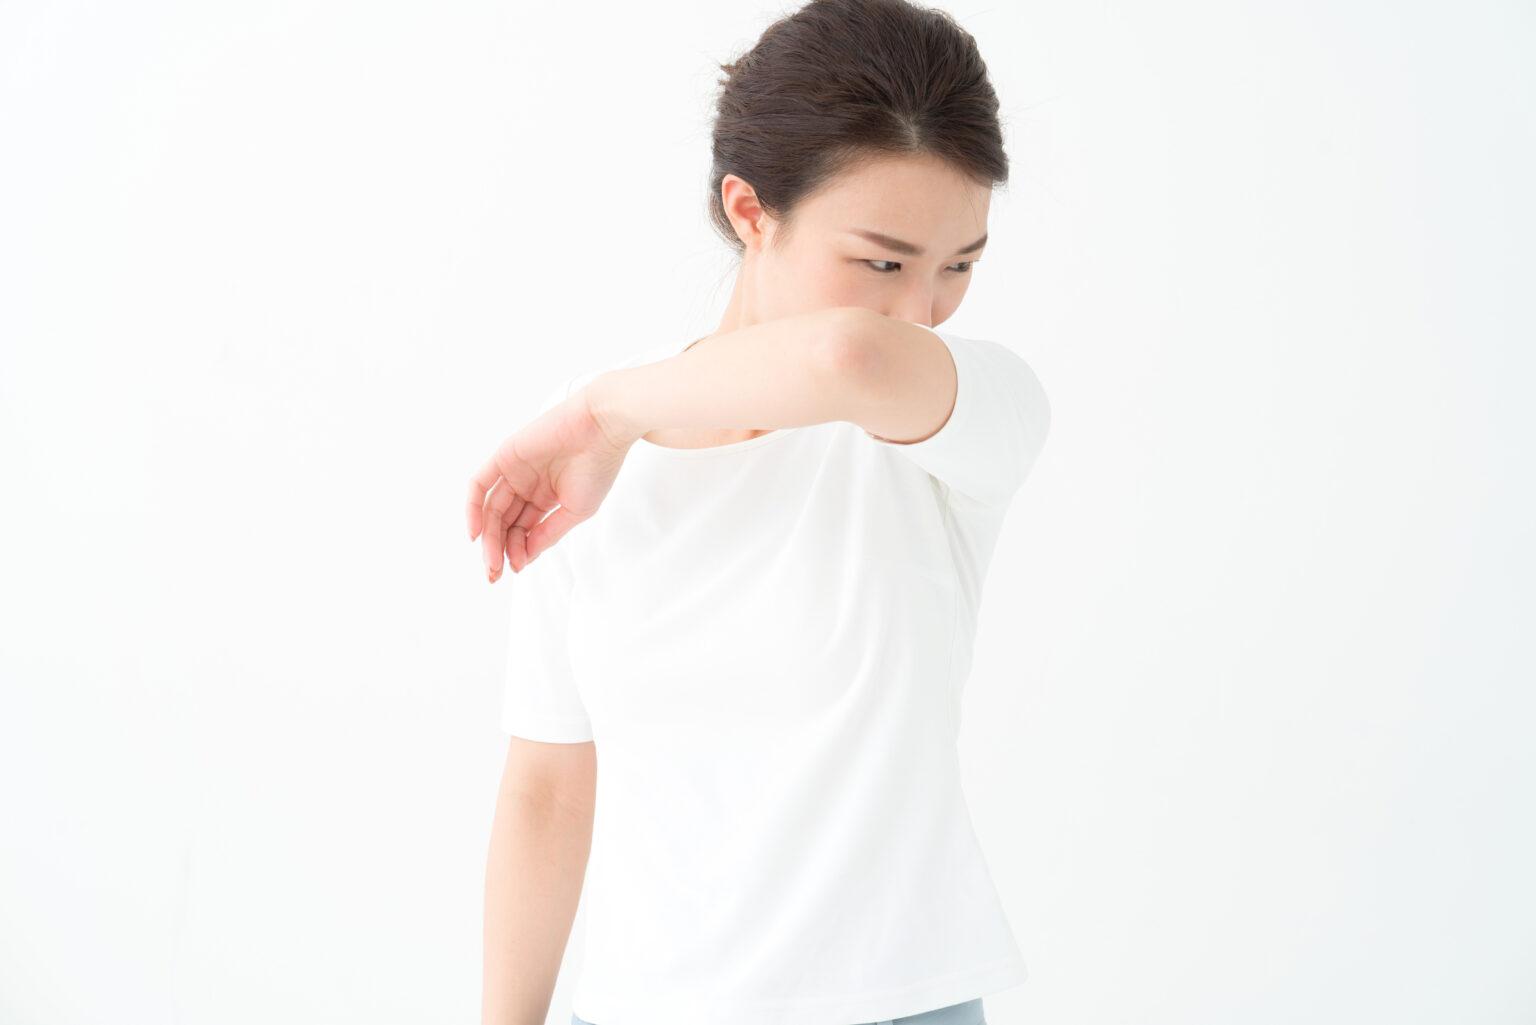 着ている白いTシャツの臭いをかぐ女性